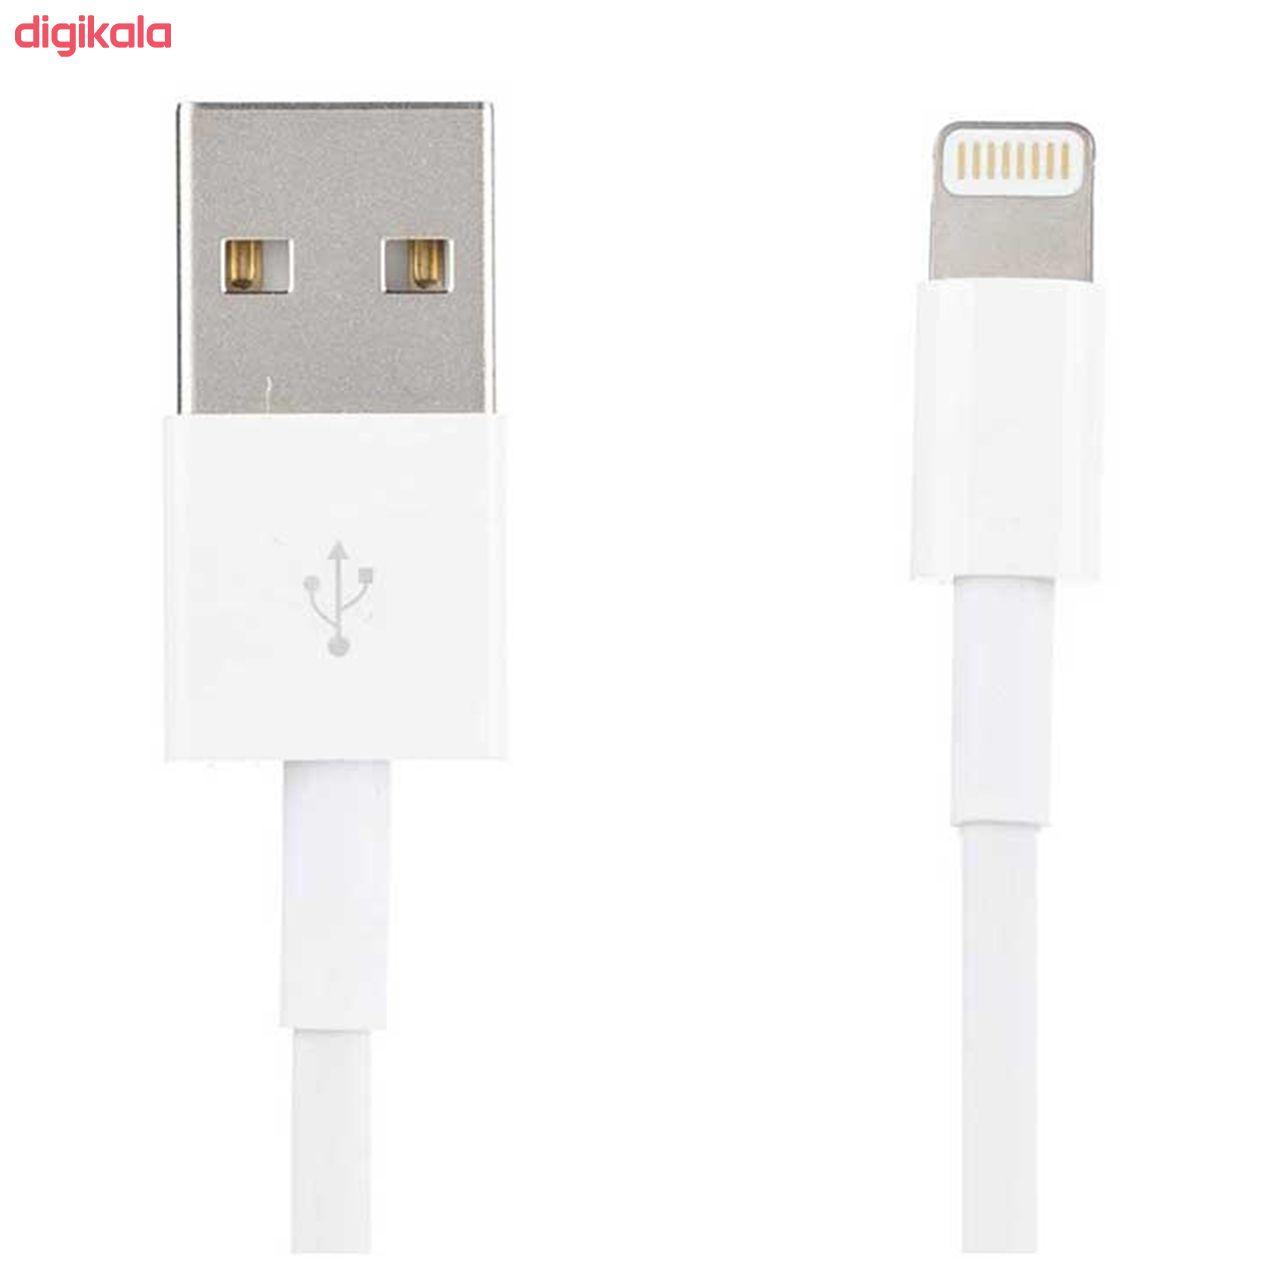 کابل تبدیل USB به لایتنینگ فاکسکان مدل FVI612 طول 1 متر main 1 1